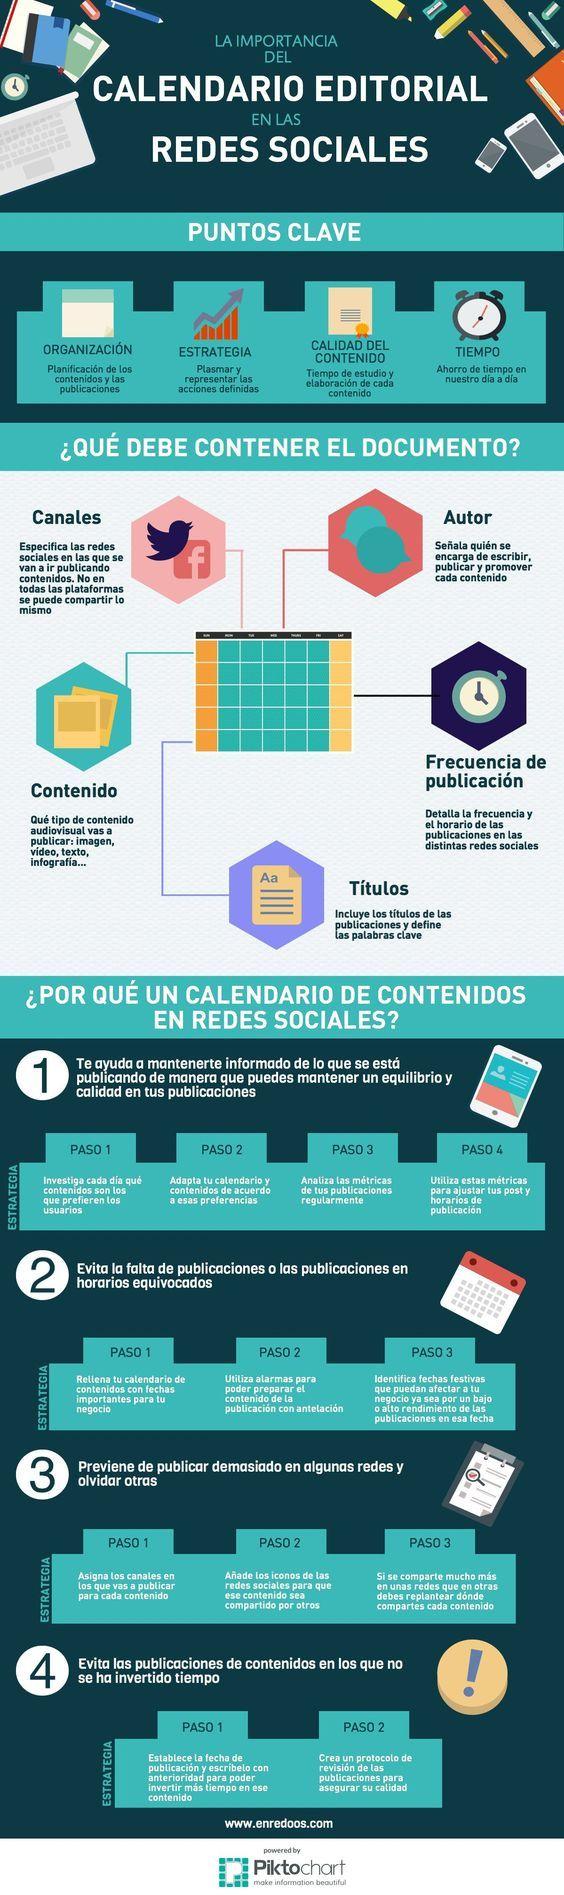 La importancia del calendario editorial en Social Media [Infografía] - TreceBits